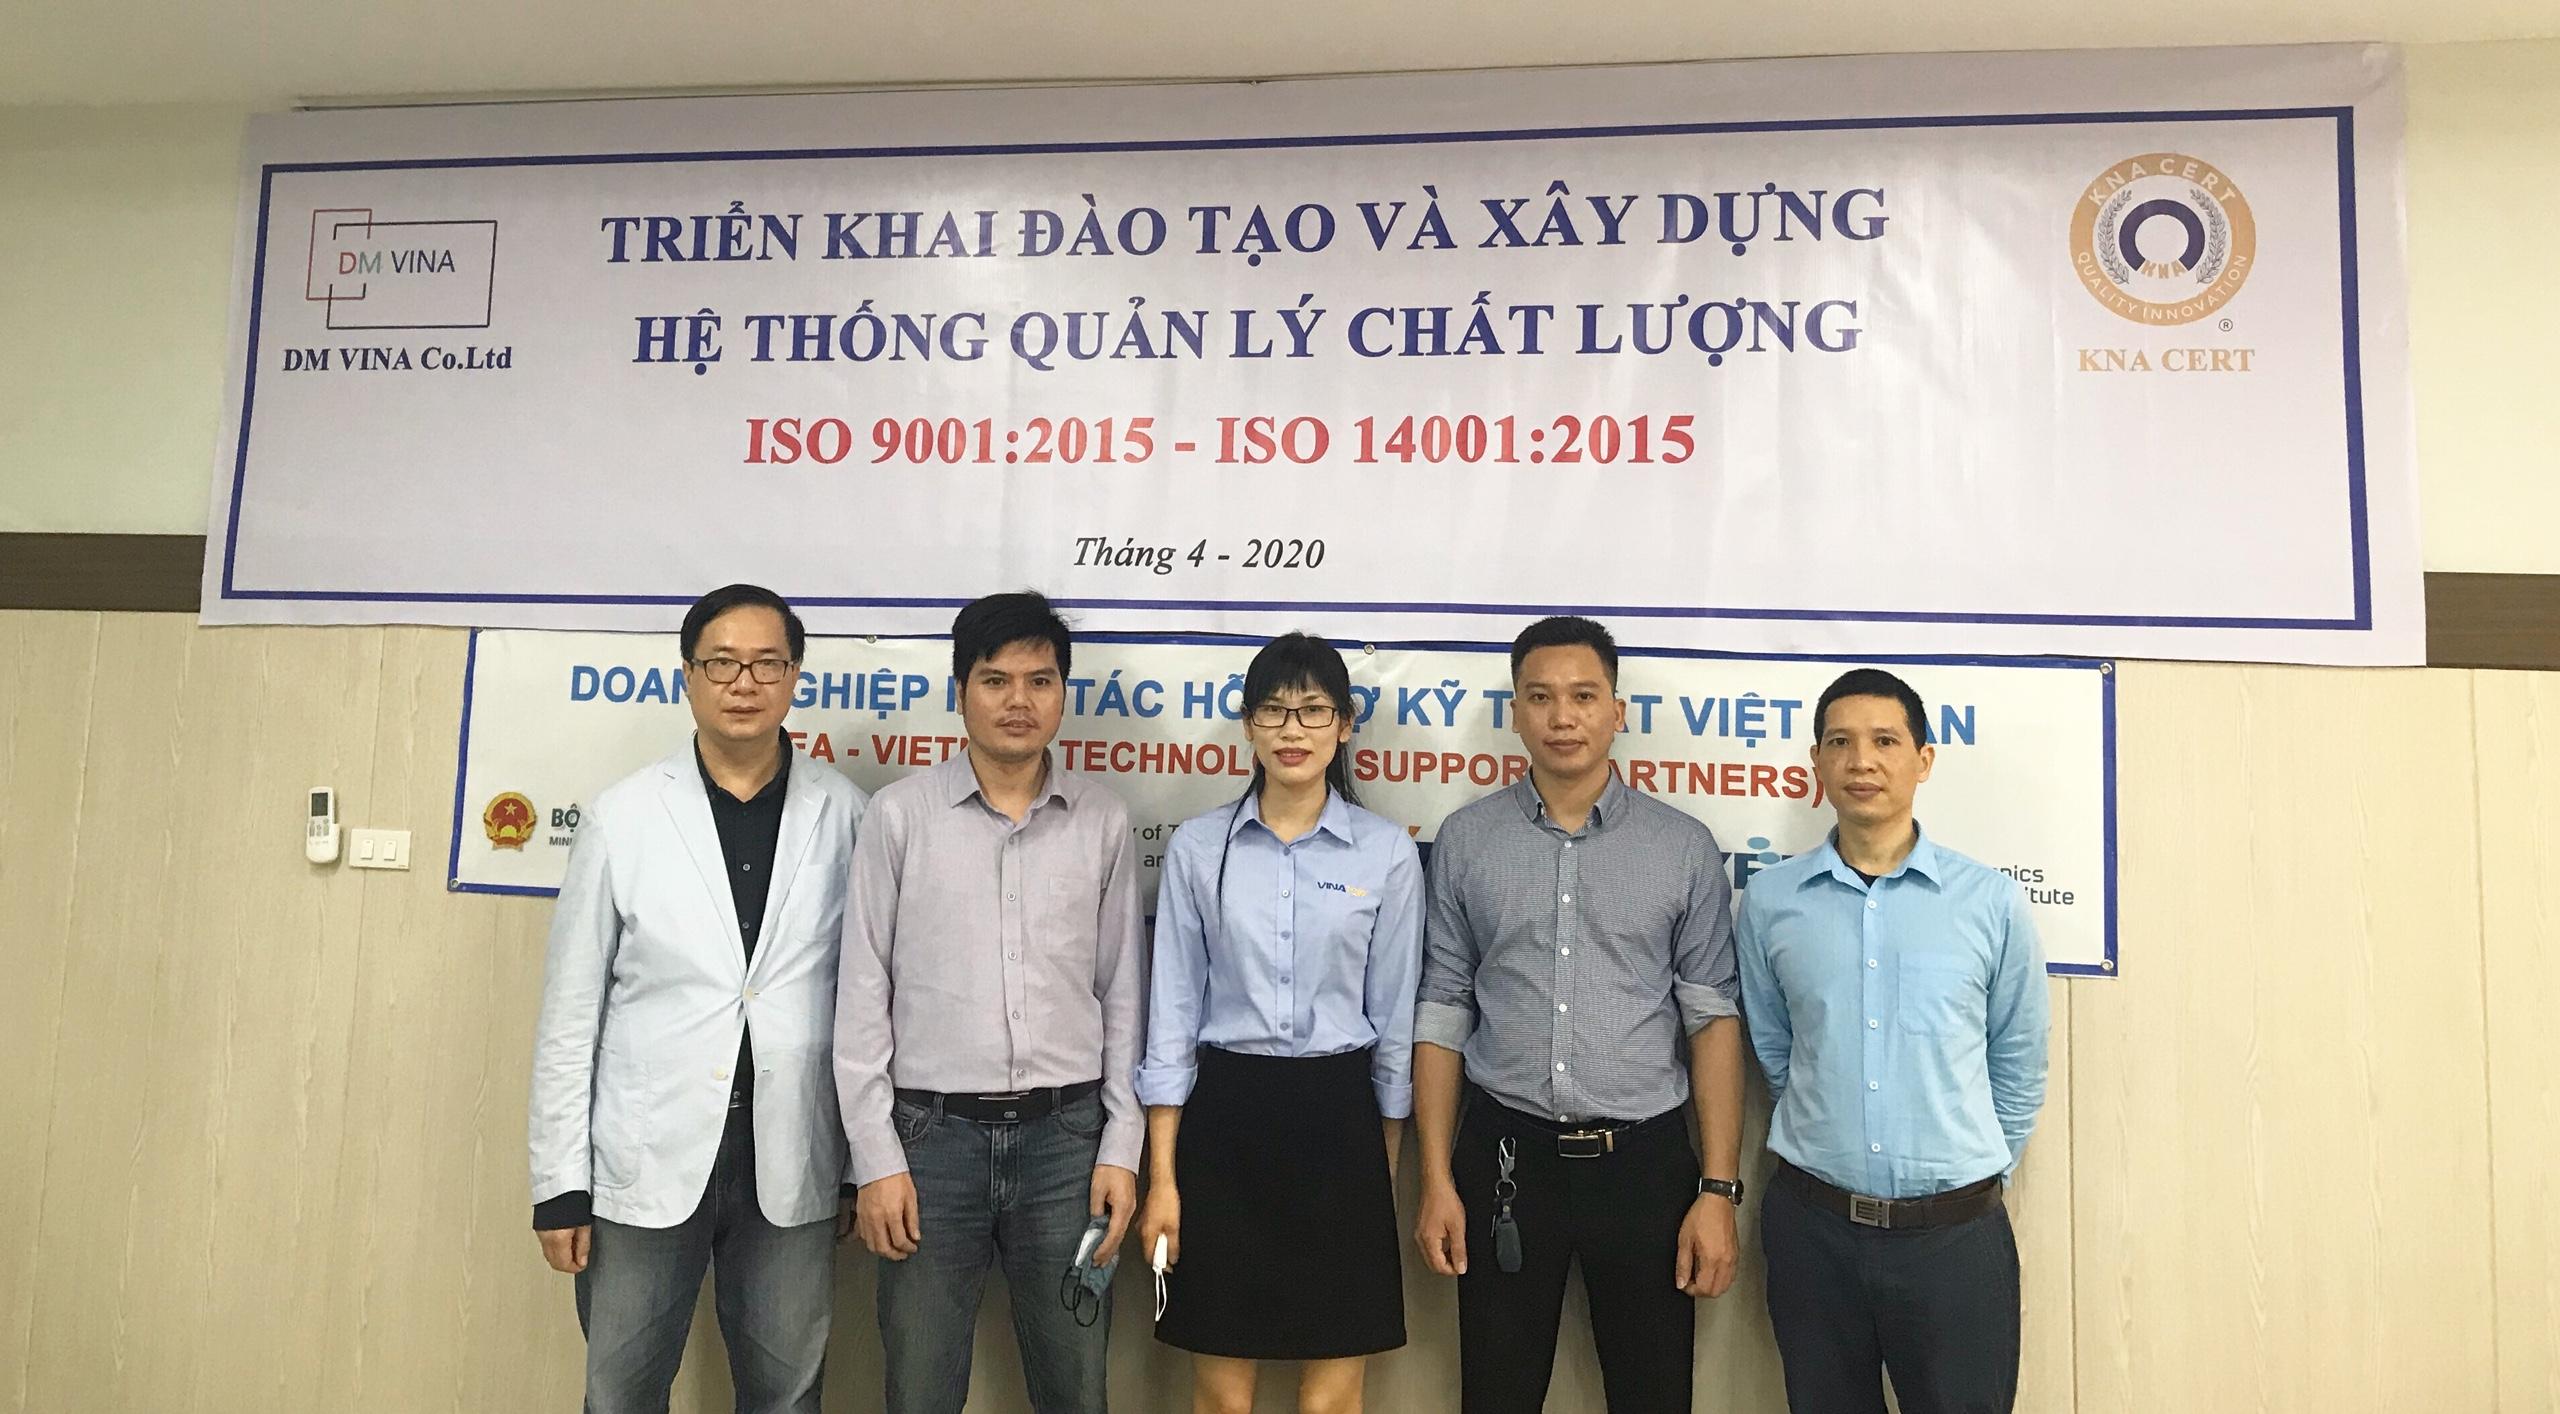 Đào Tạo Tích Hợp ISO 9001 và ISO 14001 cho Công ty TNHH  DM VINA